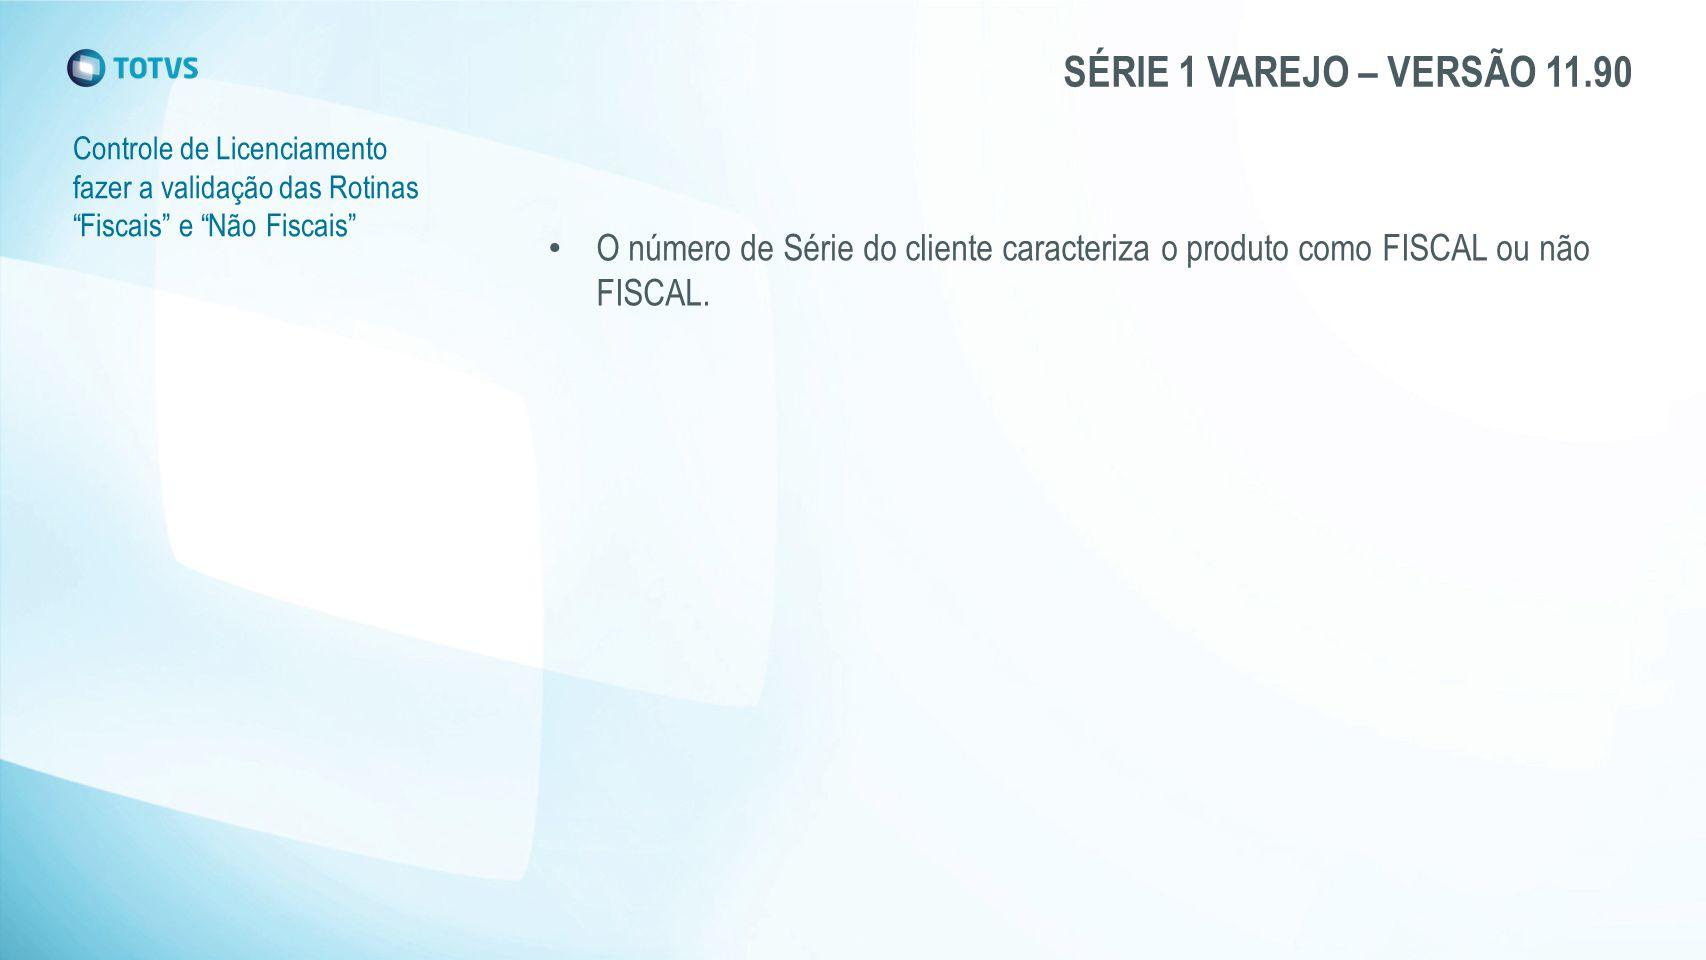 """SÉRIE 1 VAREJO – VERSÃO 11.90 Controle de Licenciamento fazer a validação das Rotinas """"Fiscais"""" e """"Não Fiscais"""" O número de Série do cliente caracteri"""